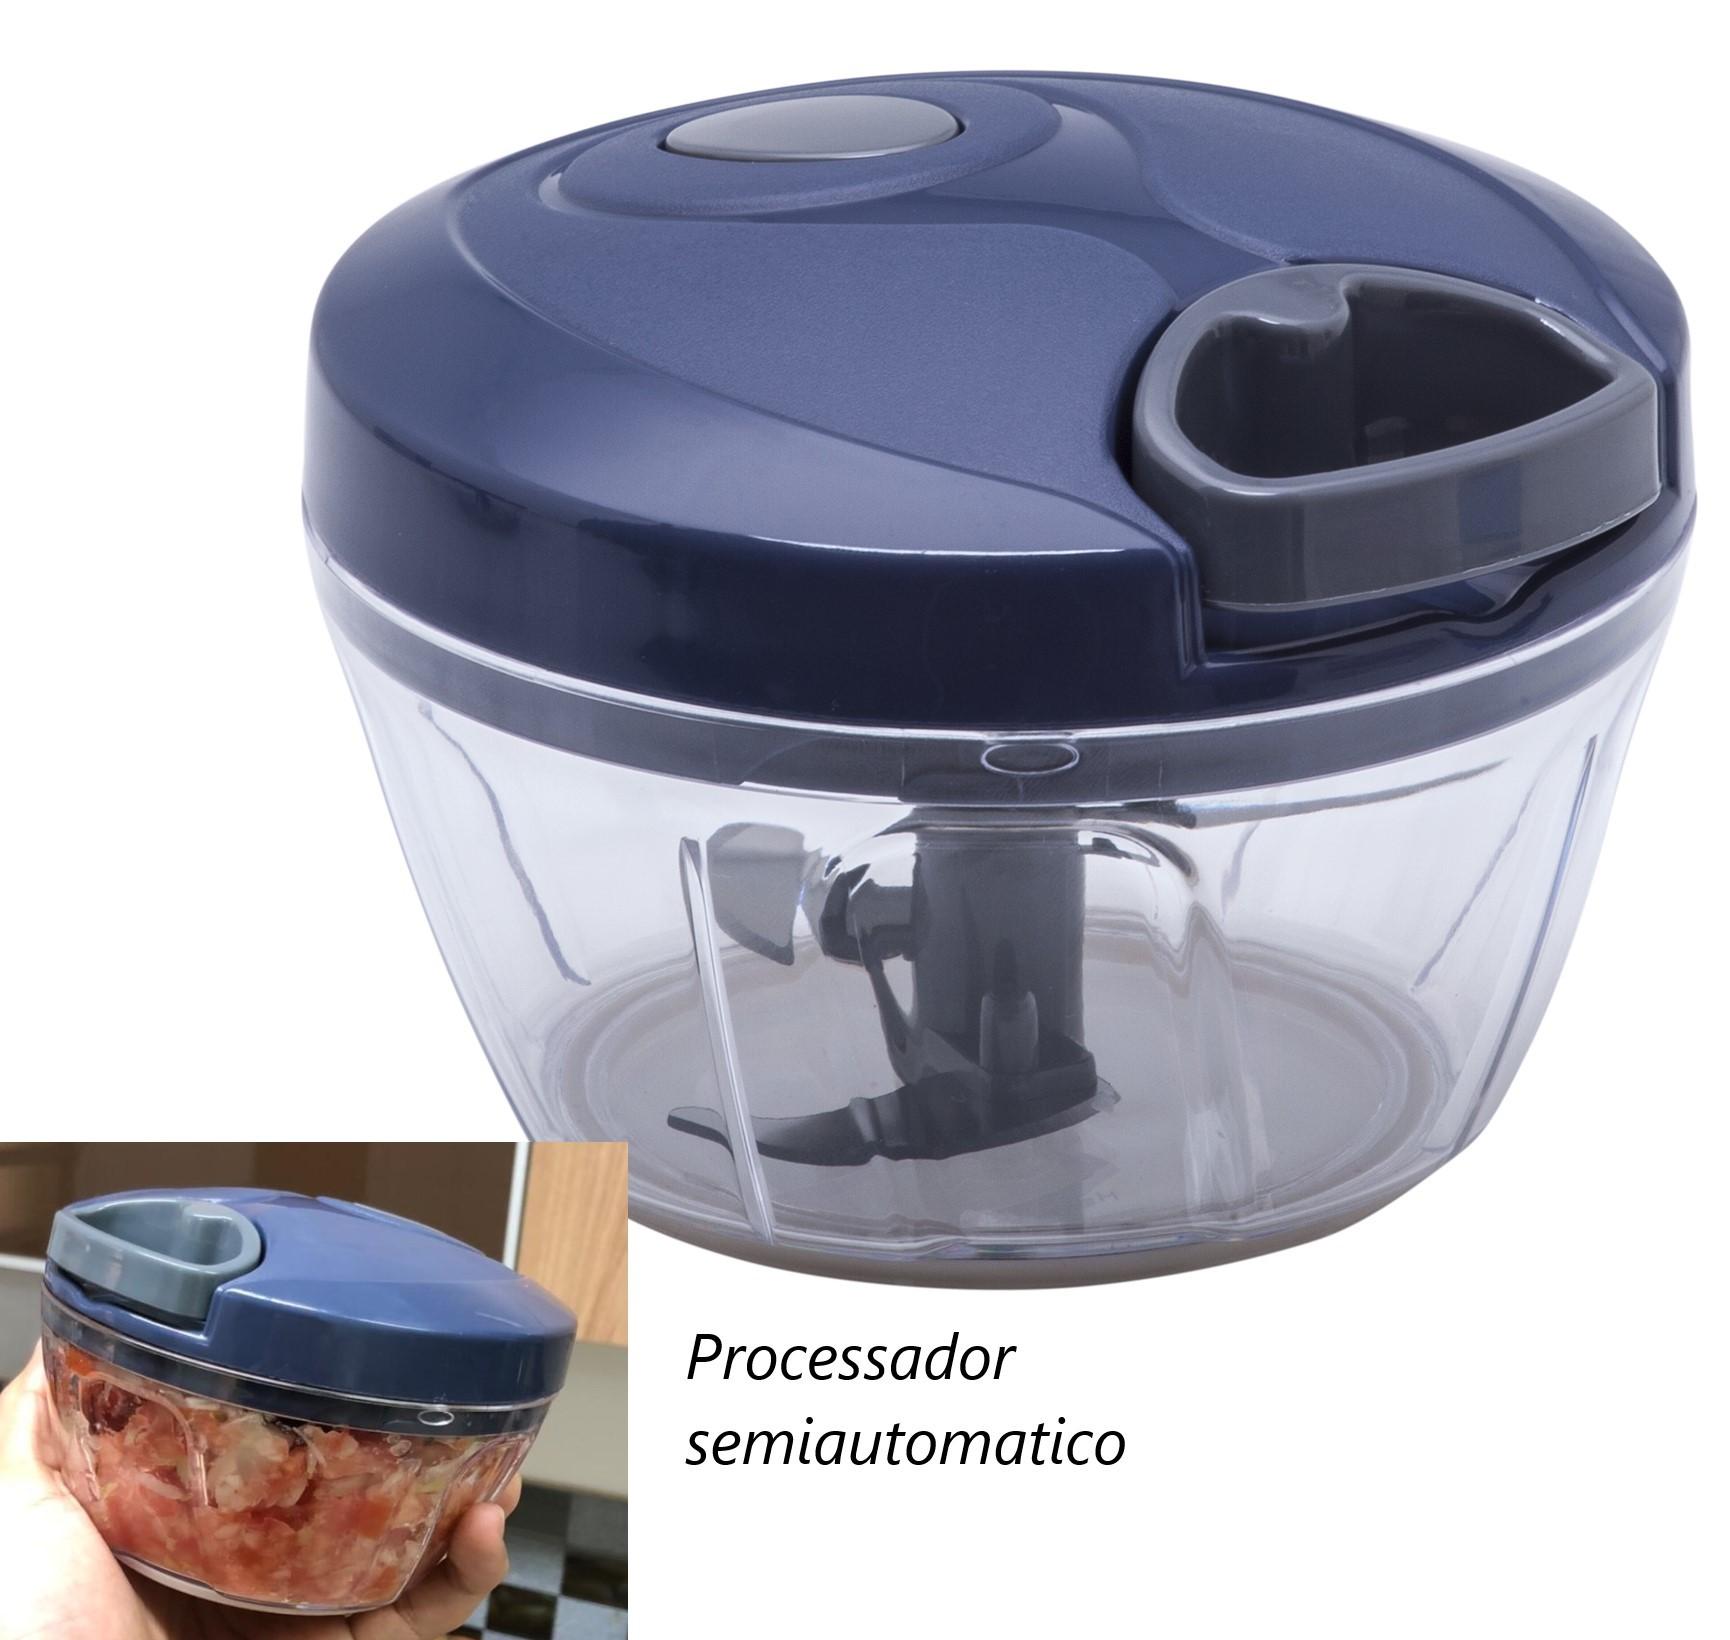 processador cortador de legumes semiautomatico picador de legumes azul